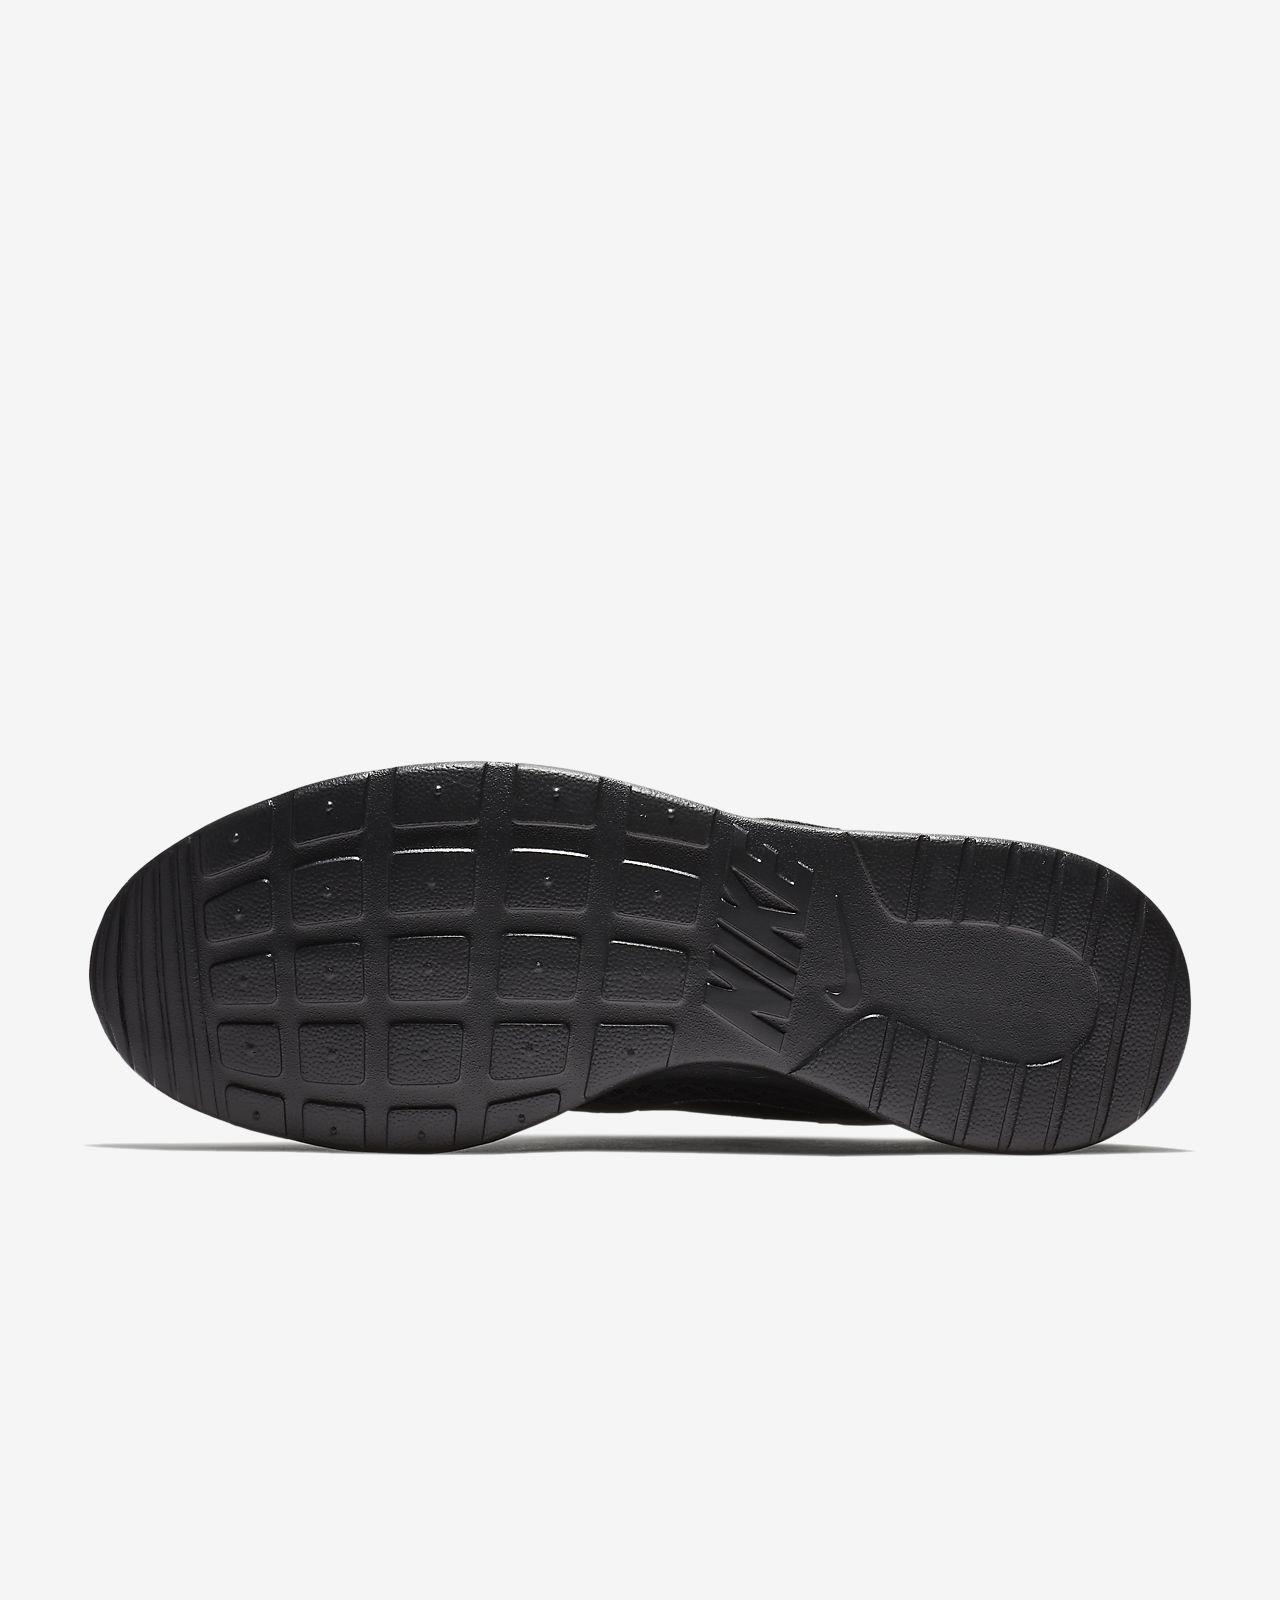 low priced c9c40 65123 Low Resolution Nike Tanjun Men s Shoe Nike Tanjun Men s Shoe